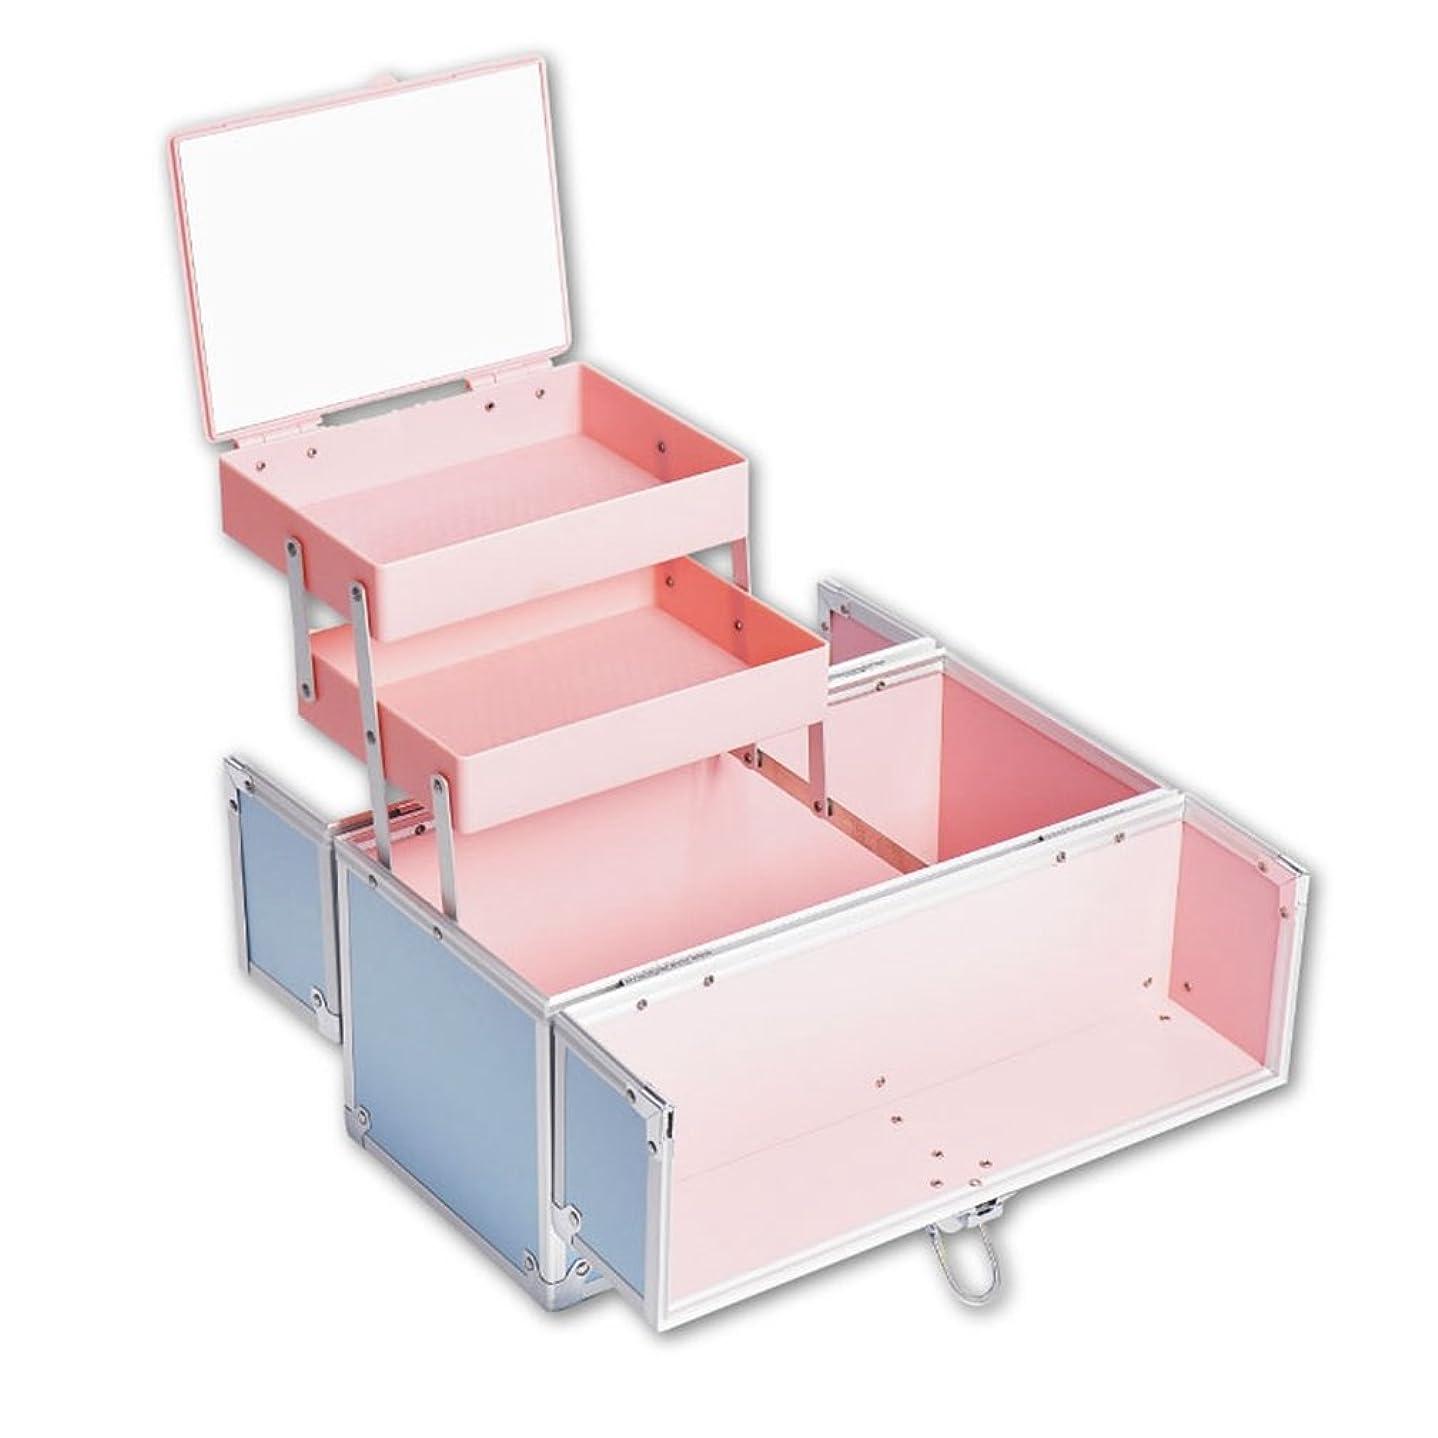 現れる調停者アラブ人「XINXIKEJI」メイクボックス コスメボックス 大容量 2段 鏡付き 洗える 化粧ボックス スプロも納得 収納力抜群 鍵付き かわいい 祝日プレゼント  取っ手付 コスメBOX ブルー